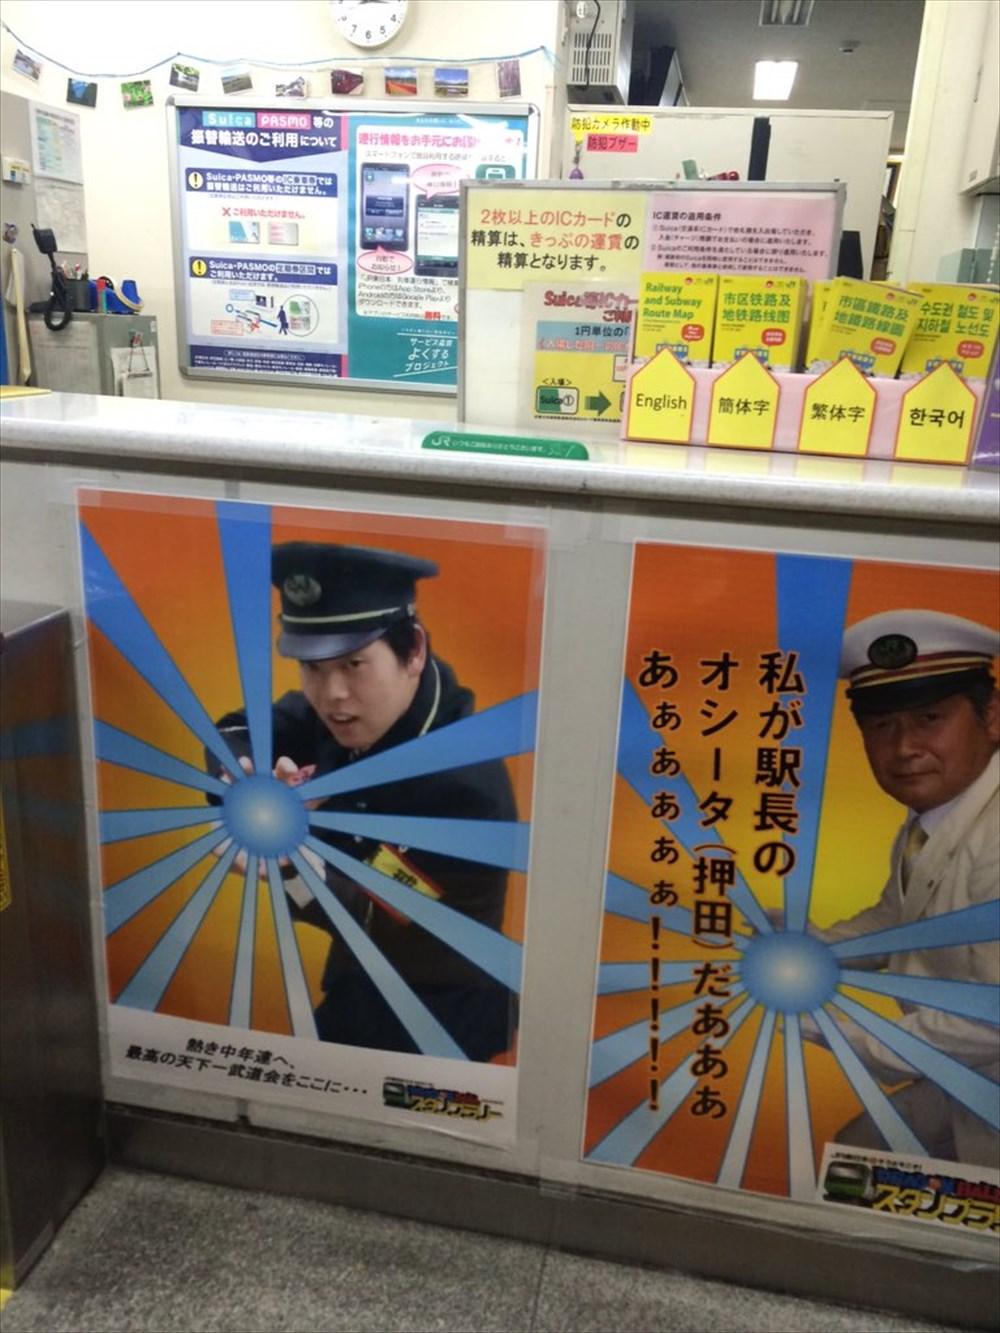 「おす!オラ駅長!」 JRの駅員は、かめはめ波が打てるらしい